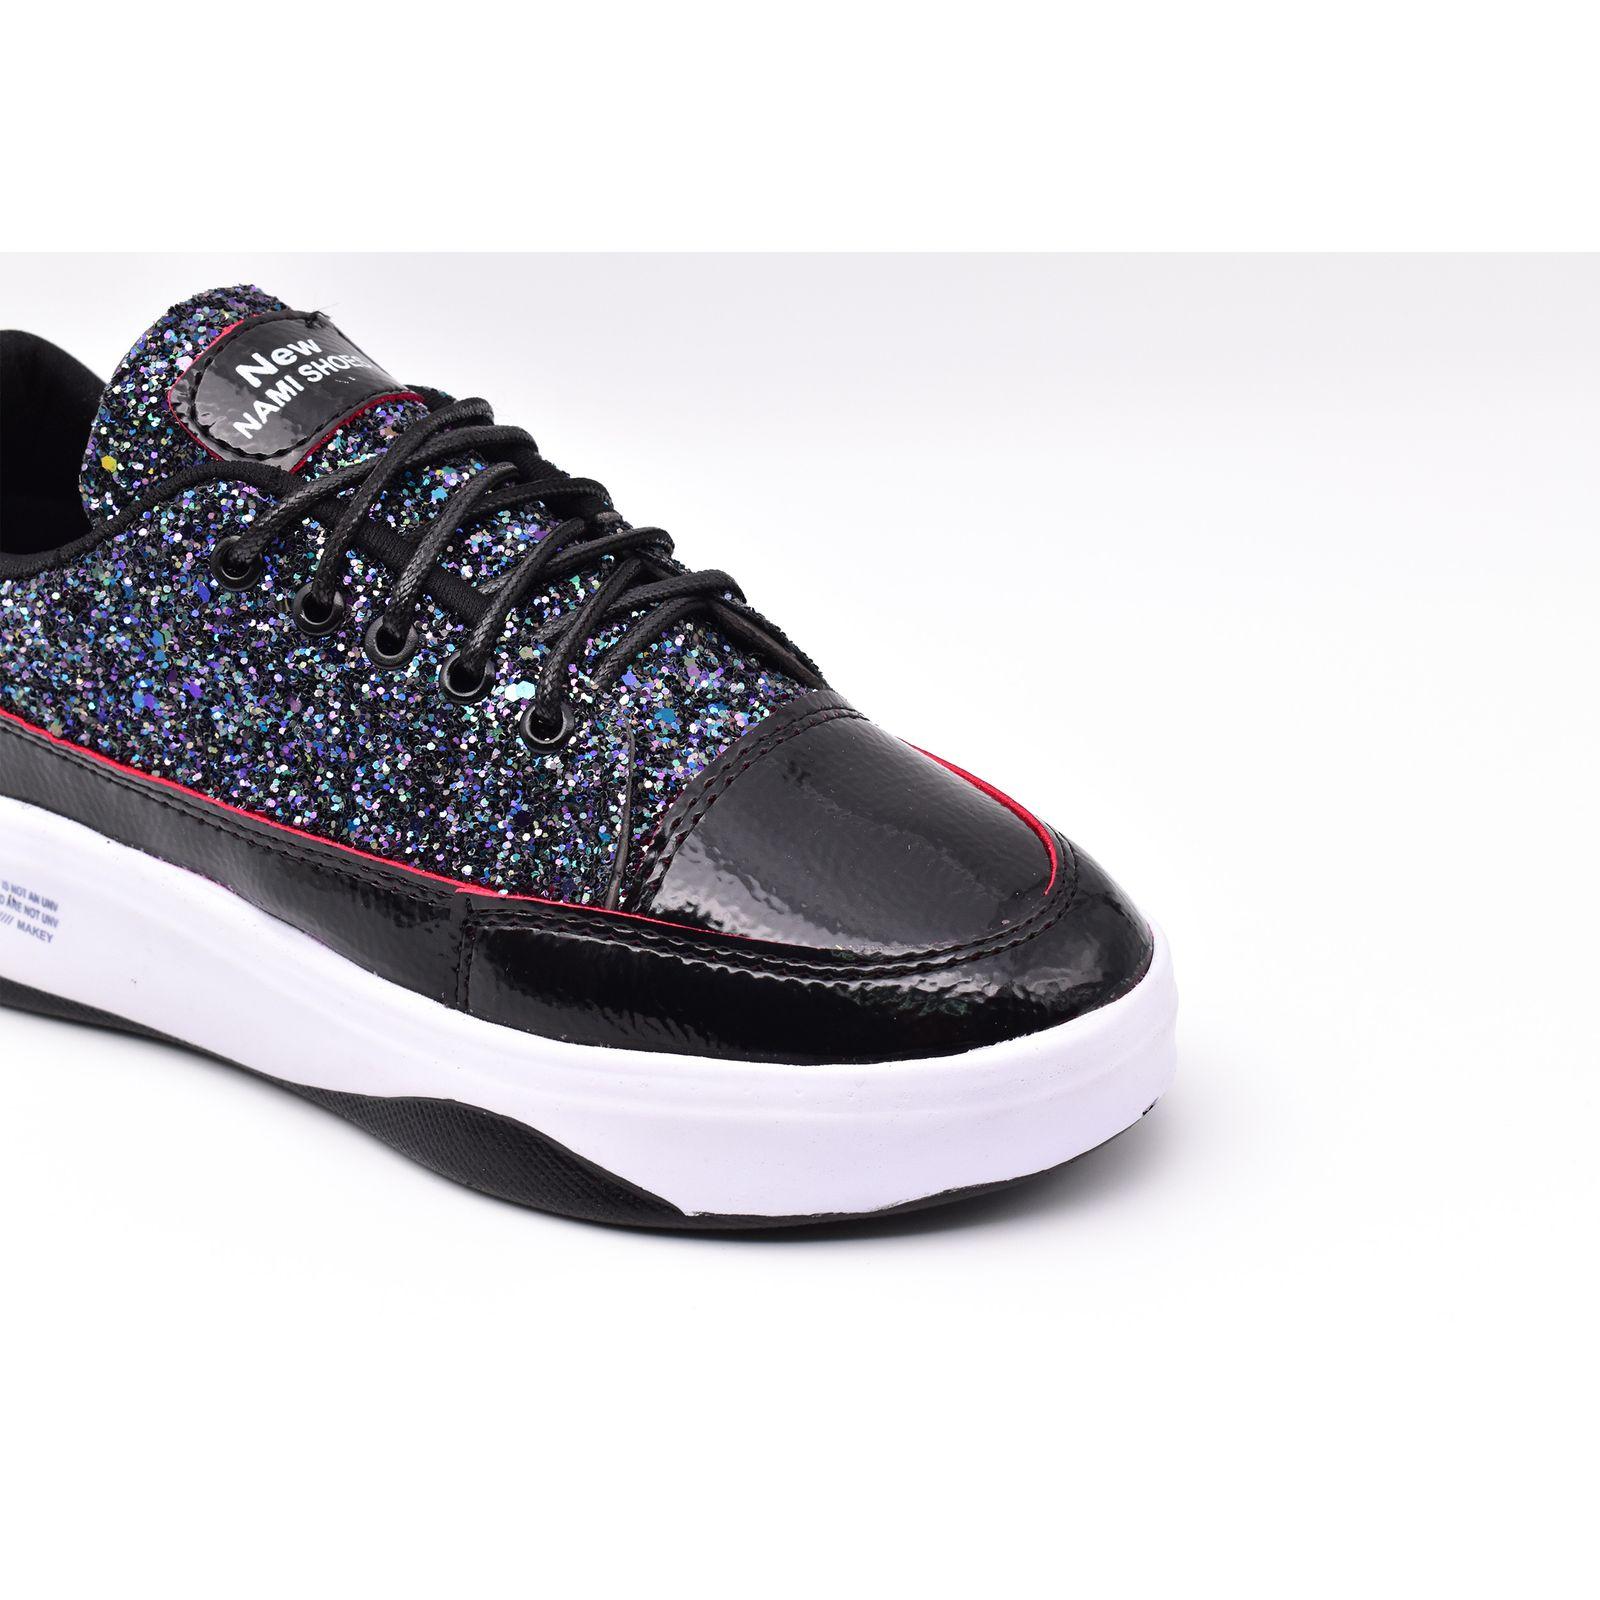 کفش مخصوص پیاده روی زنانه کد 5921 main 1 2